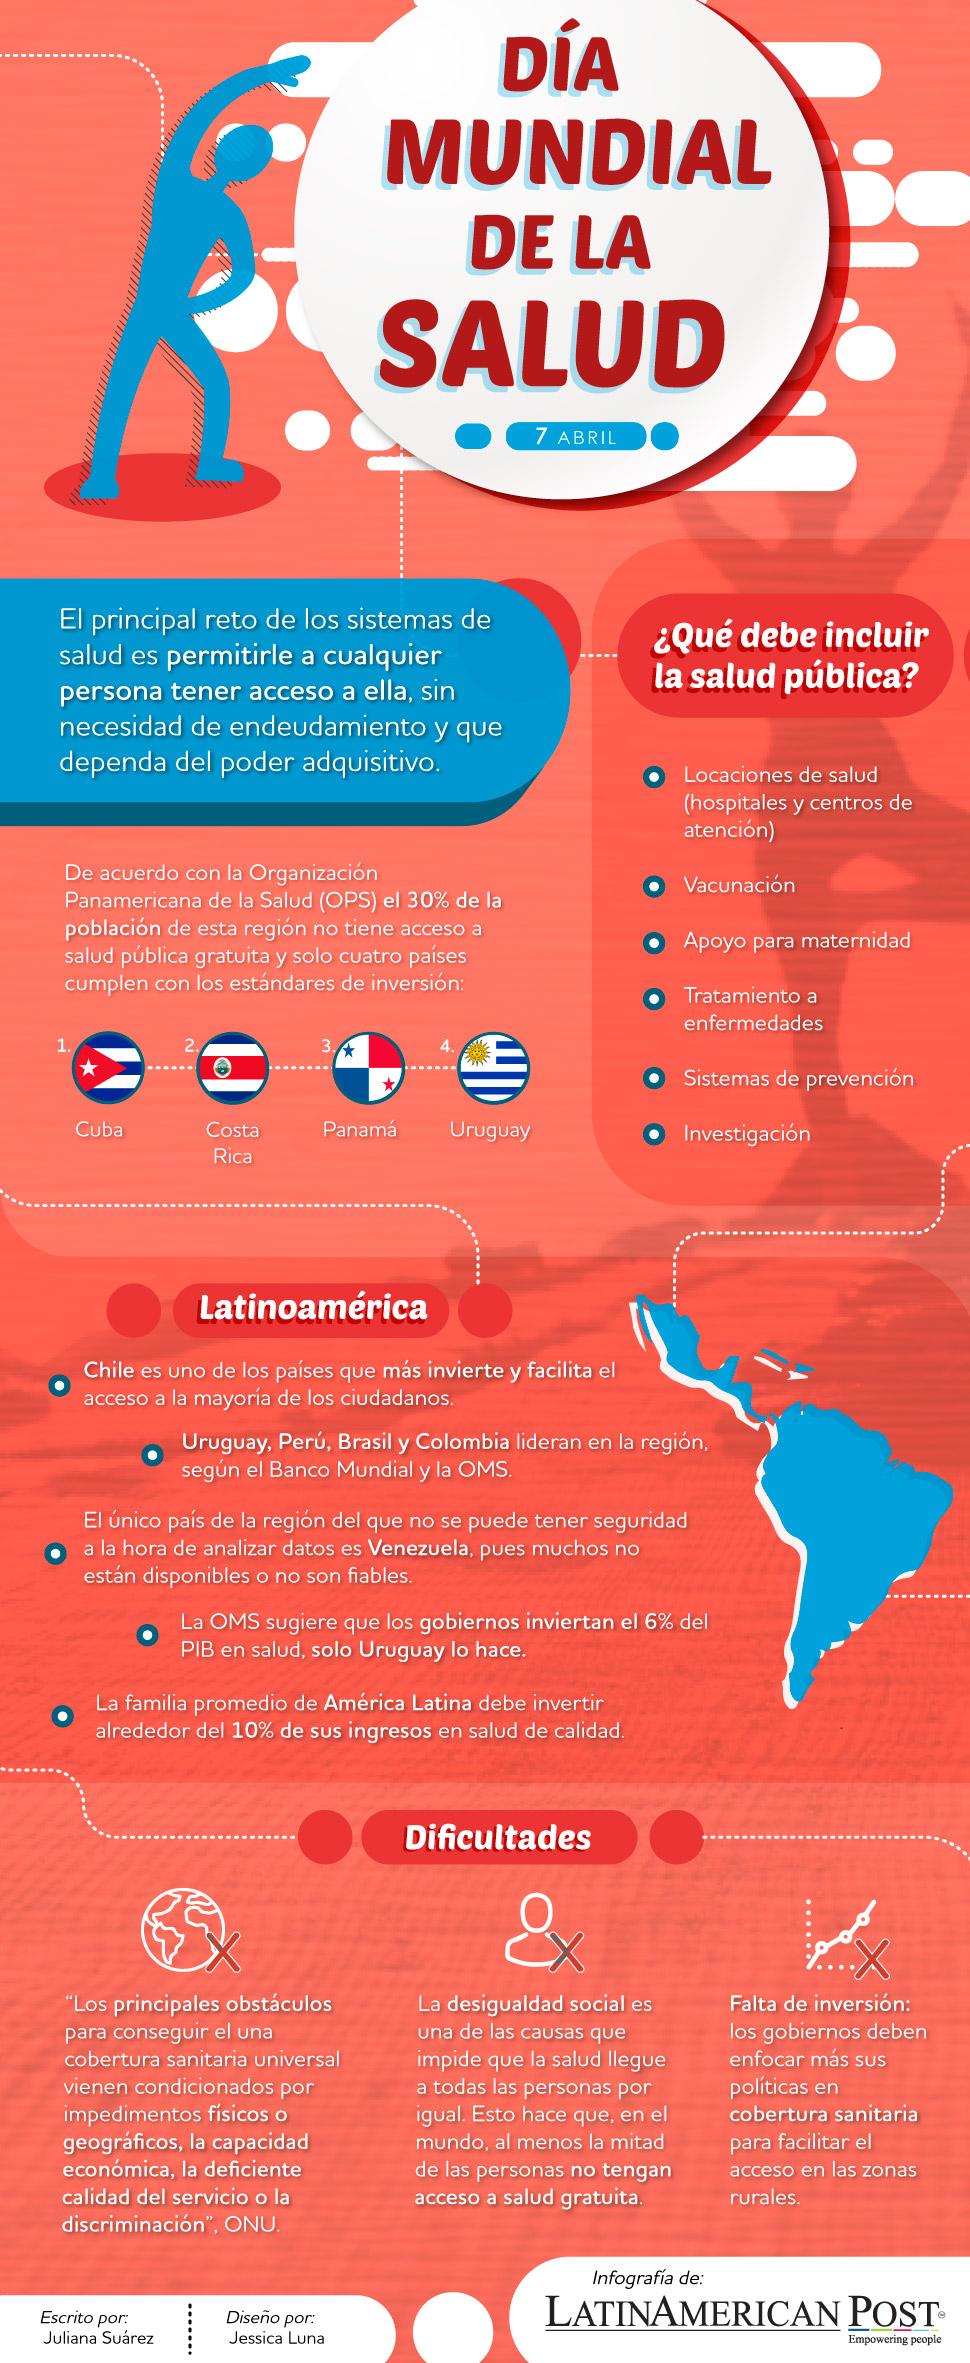 Día Mundial de la Salud: ¿cómo va América Latina en cobertura sanitaria?